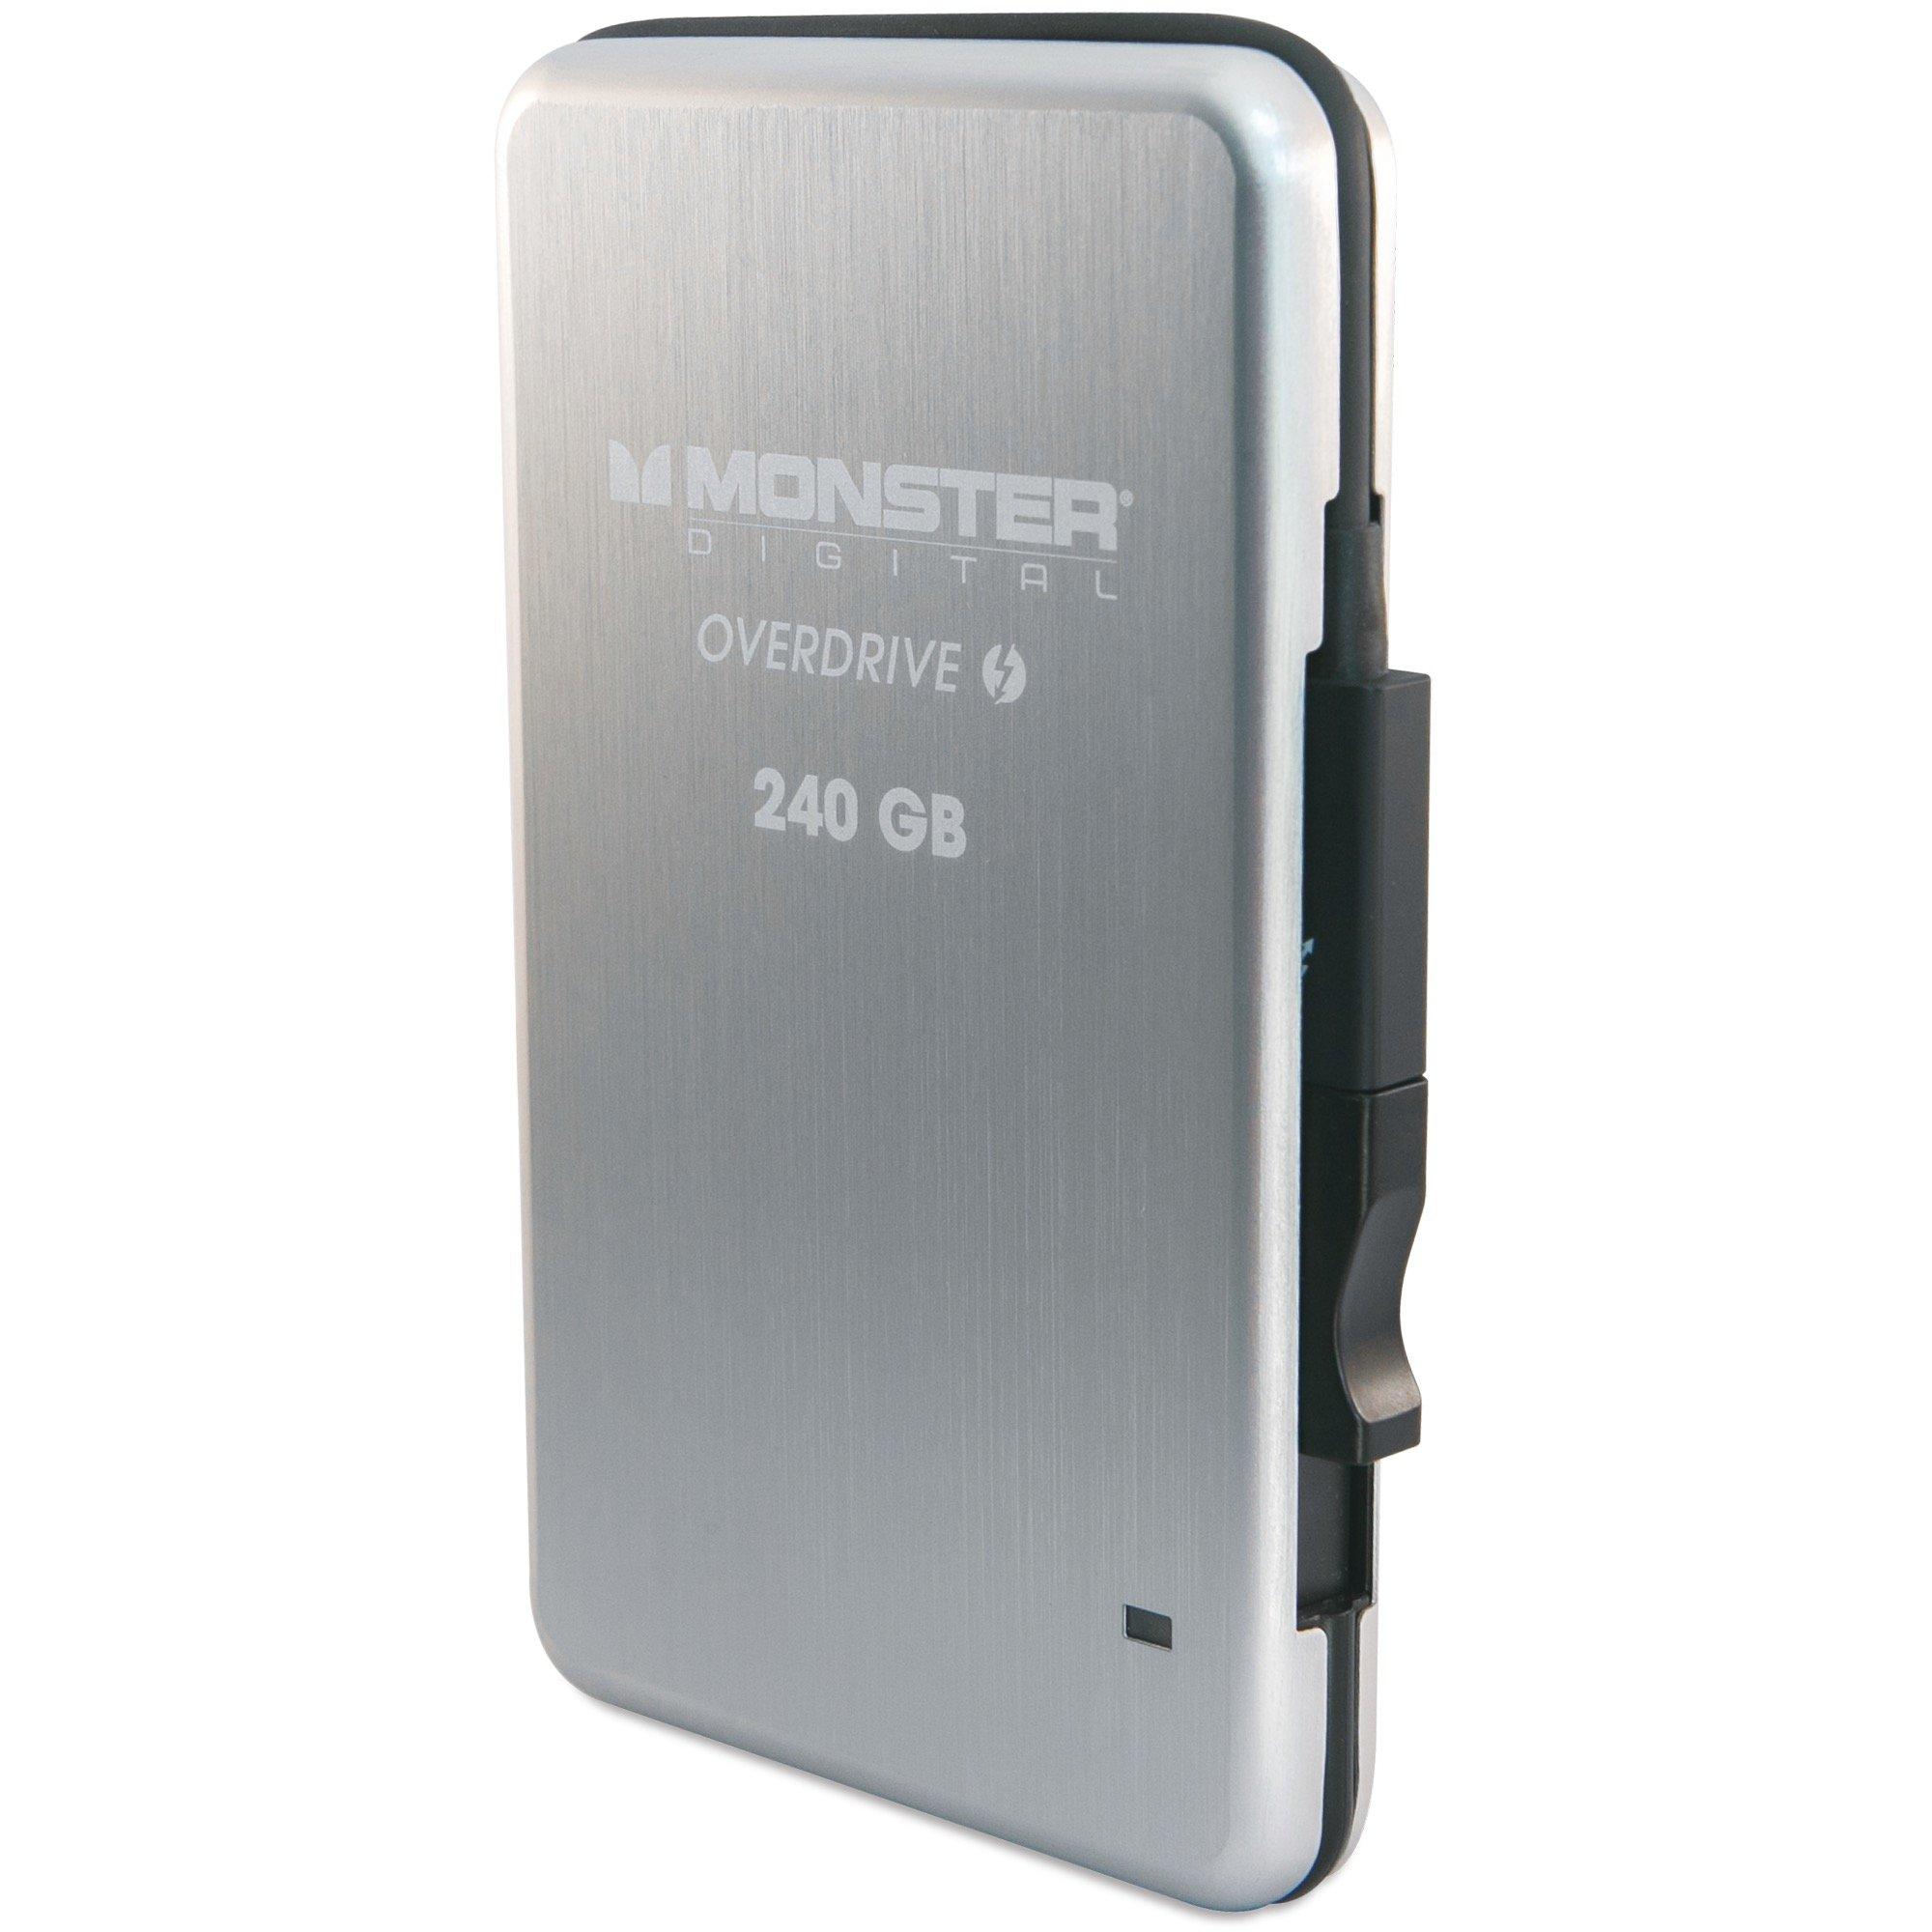 Monster Digital Overdrive Thunderbolt (SSDOT-0240-A) by Monster Digital